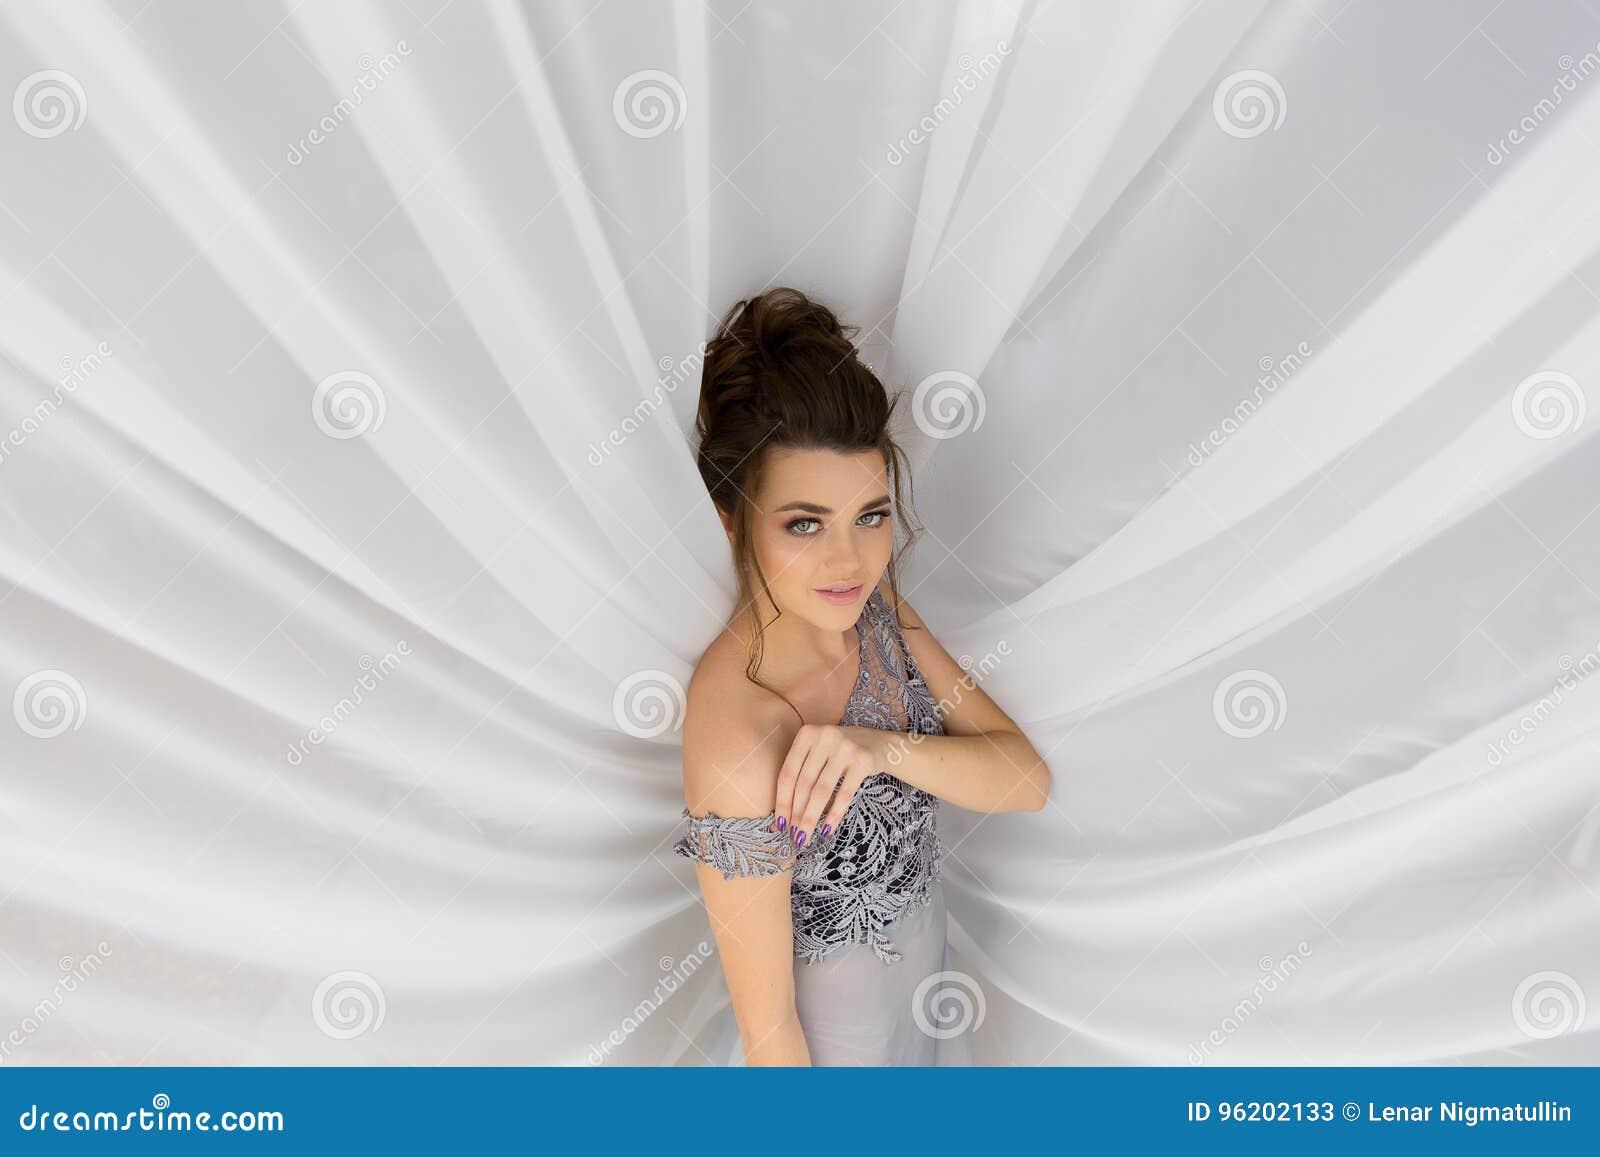 Фото девушки в эротичном платье, телеведущая эротическое фото